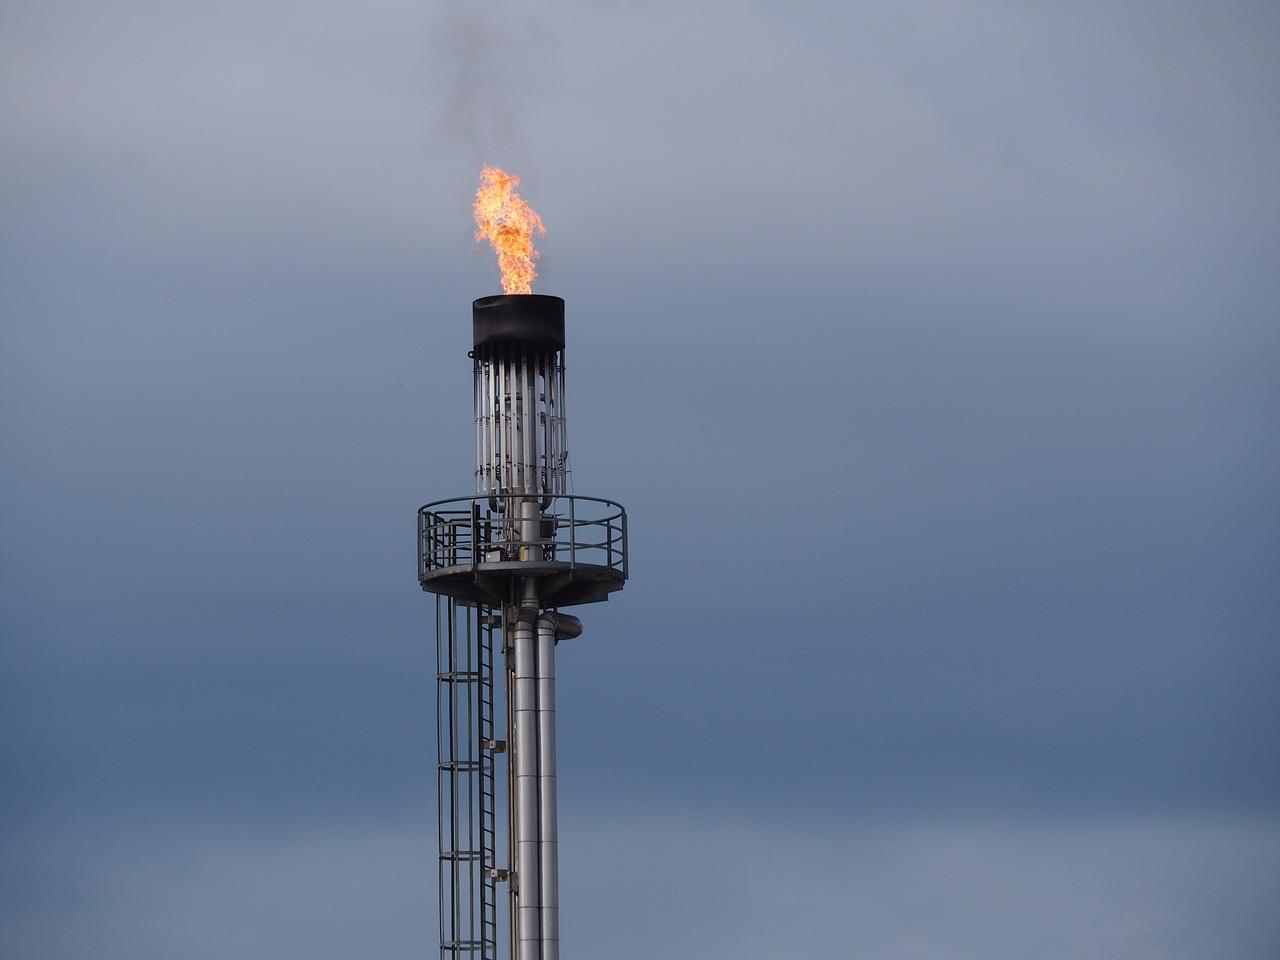 Gas natural en Argentina. ¿Por qué daña al país?